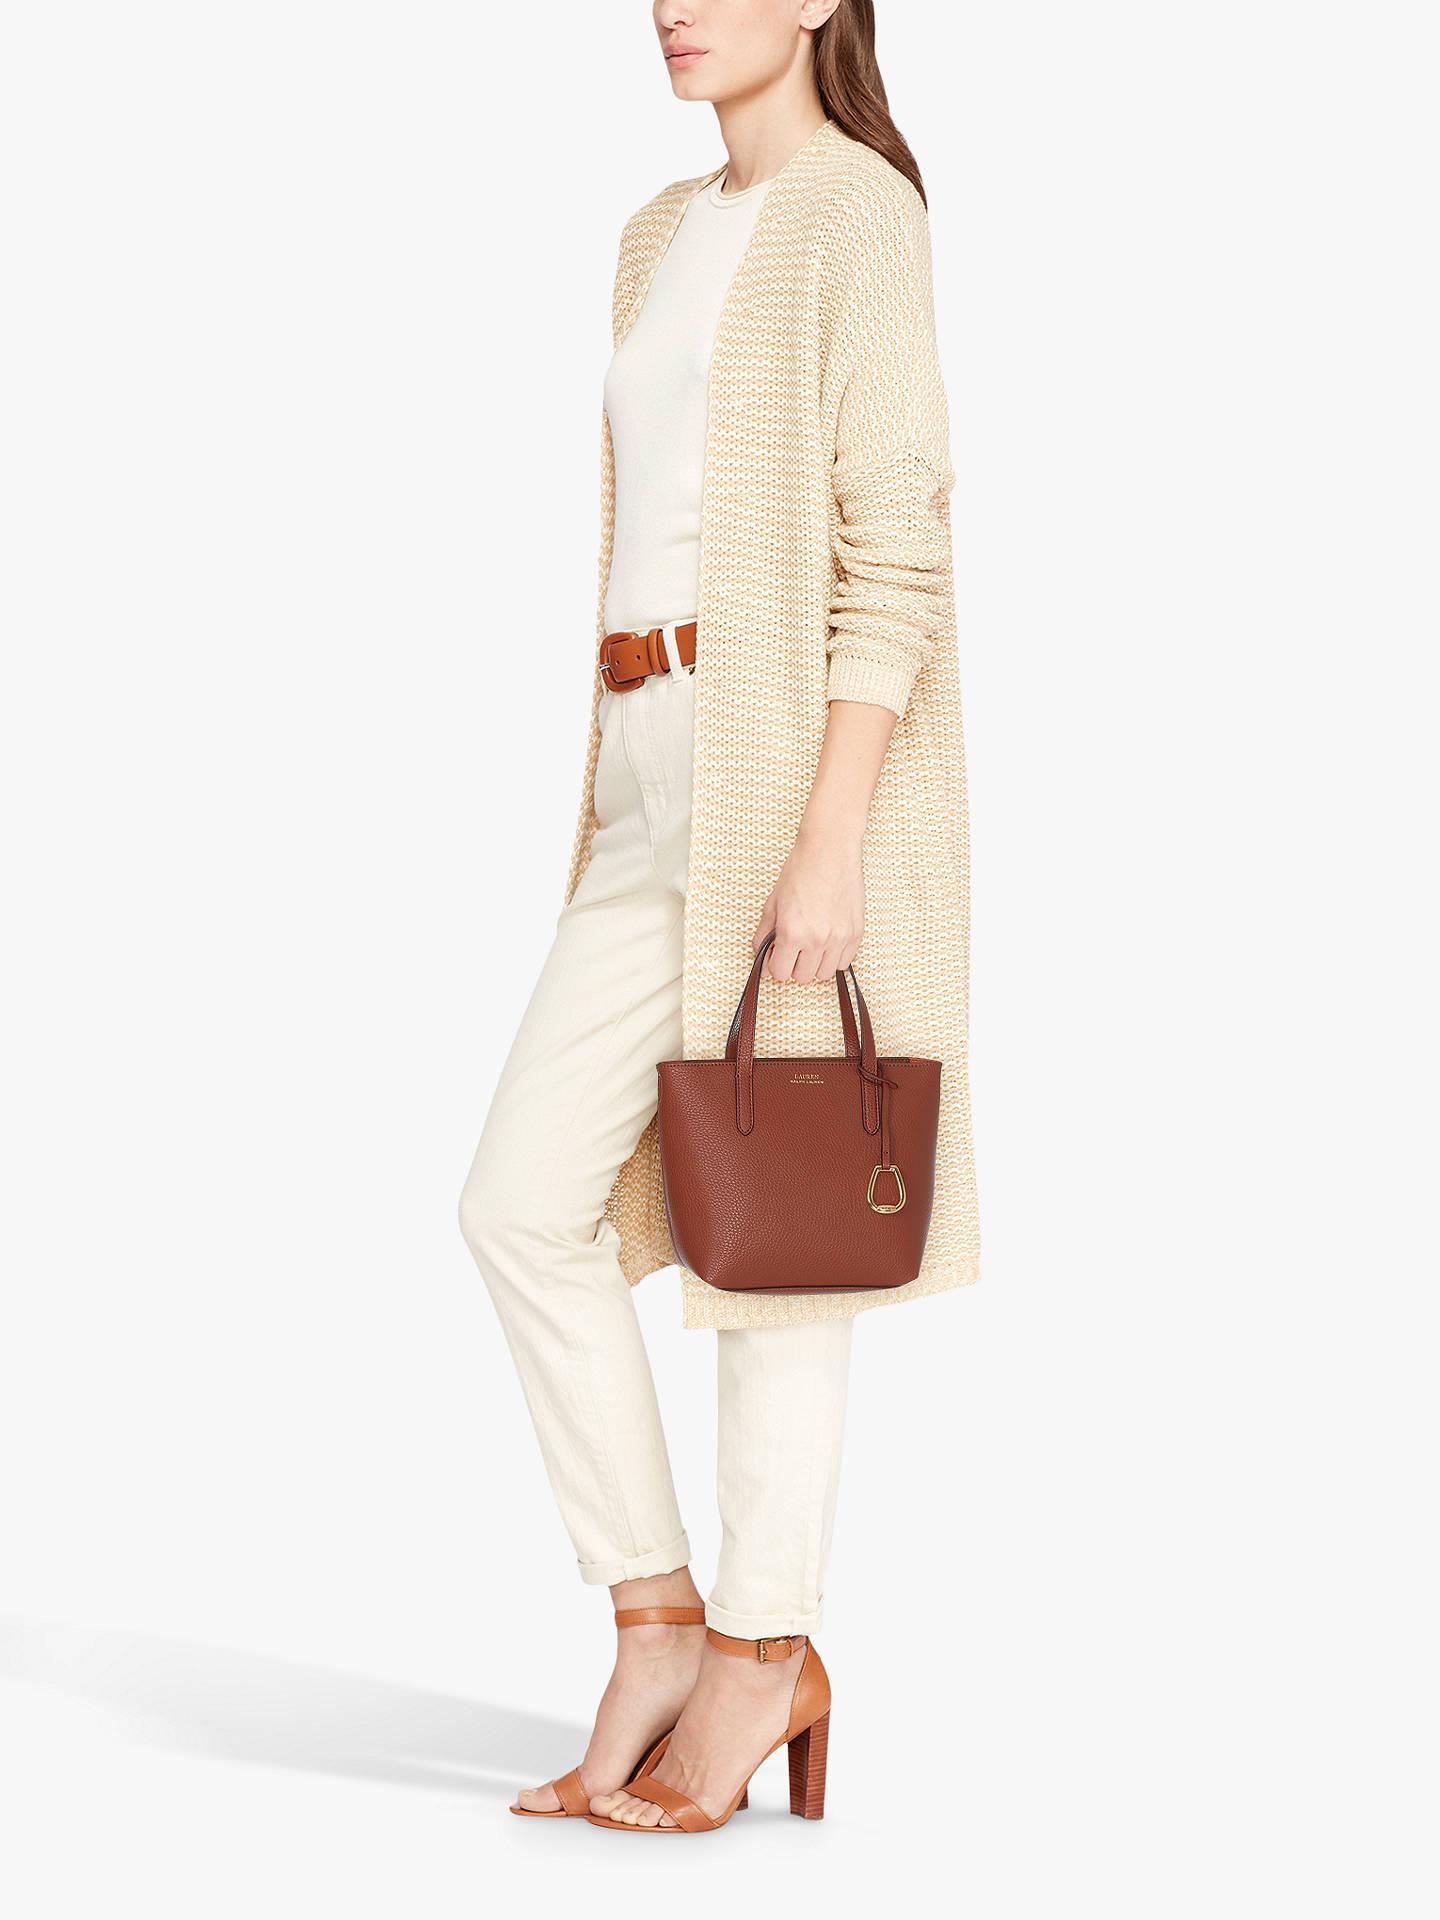 0cc9606ef Buy Lauren Ralph Lauren Merrimack Small Tote Bag, Tan/Orange Online at  johnlewis.